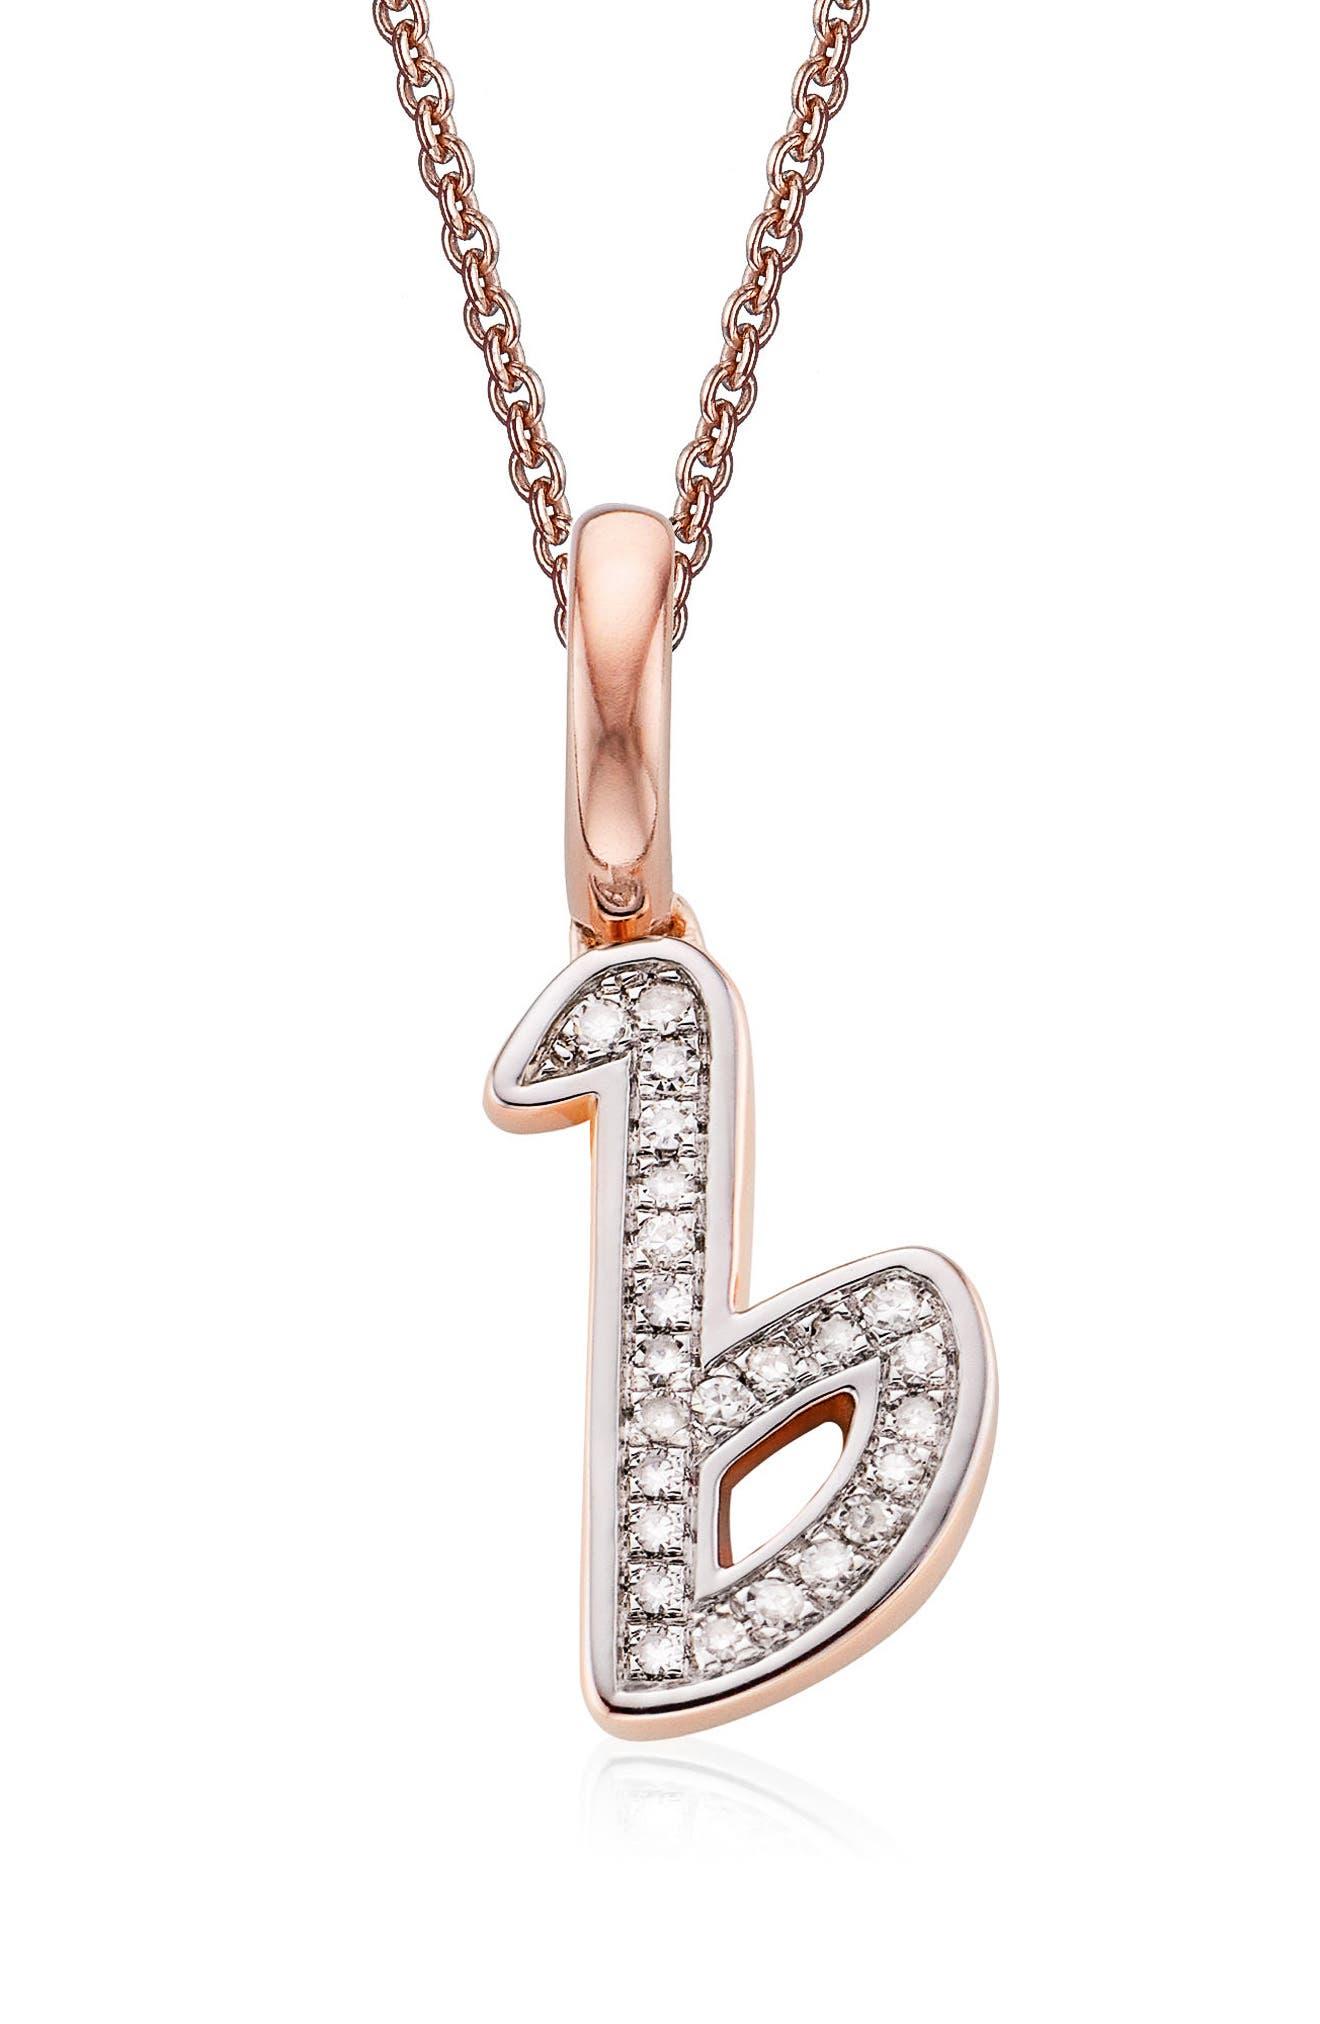 Diamond Initial Pendant Charm,                             Main thumbnail 1, color,                             Rose Gold/ Diamond- B